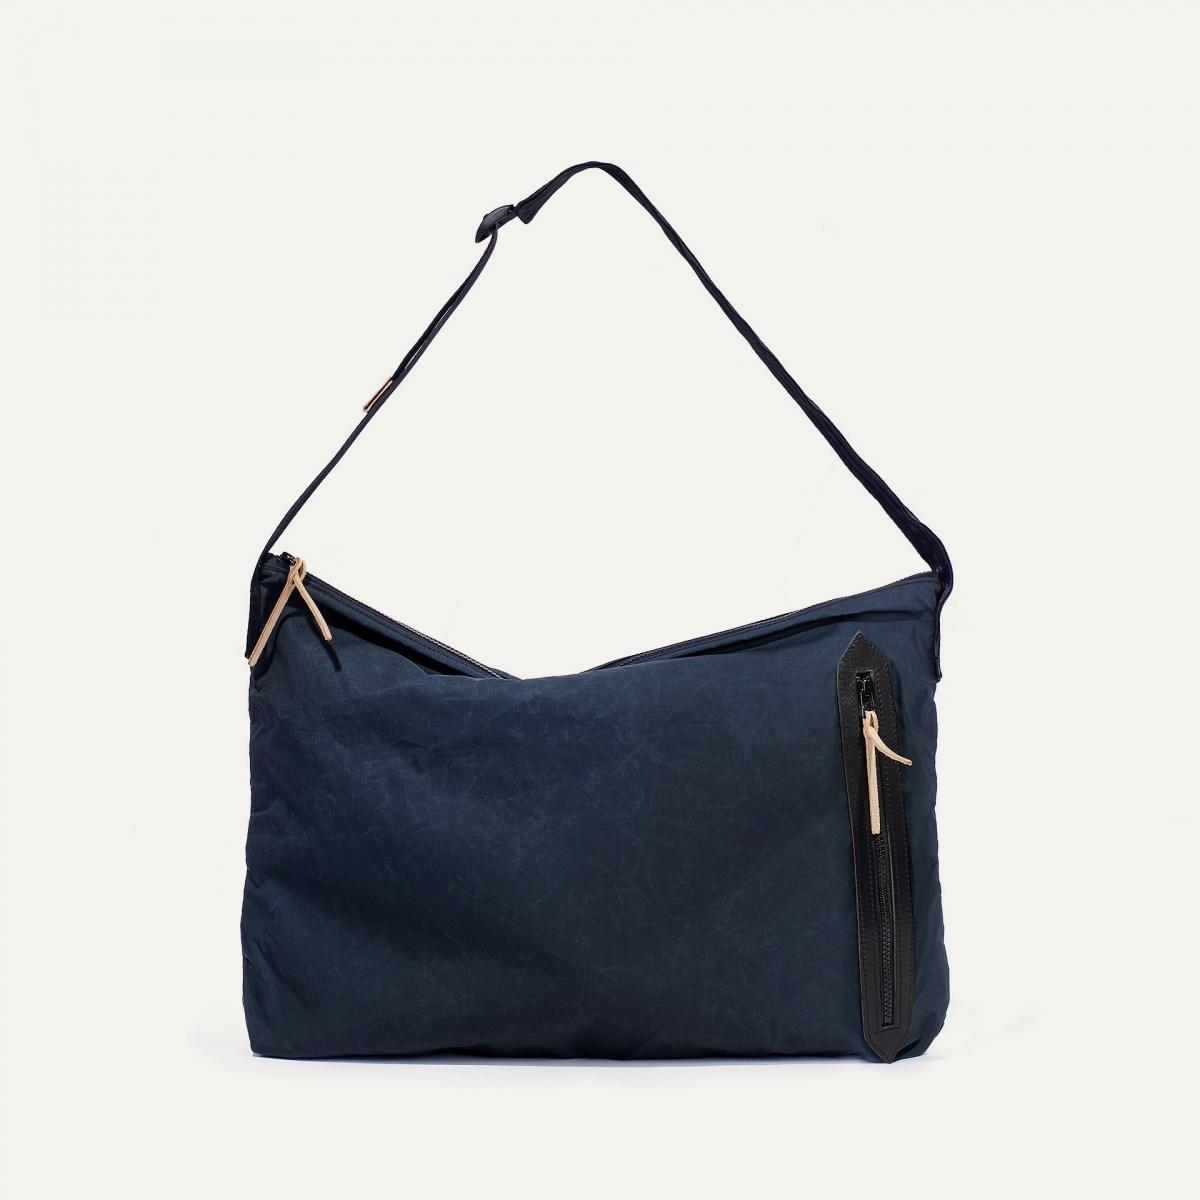 Besace Baston 15L - Hague Blue (image n°2)